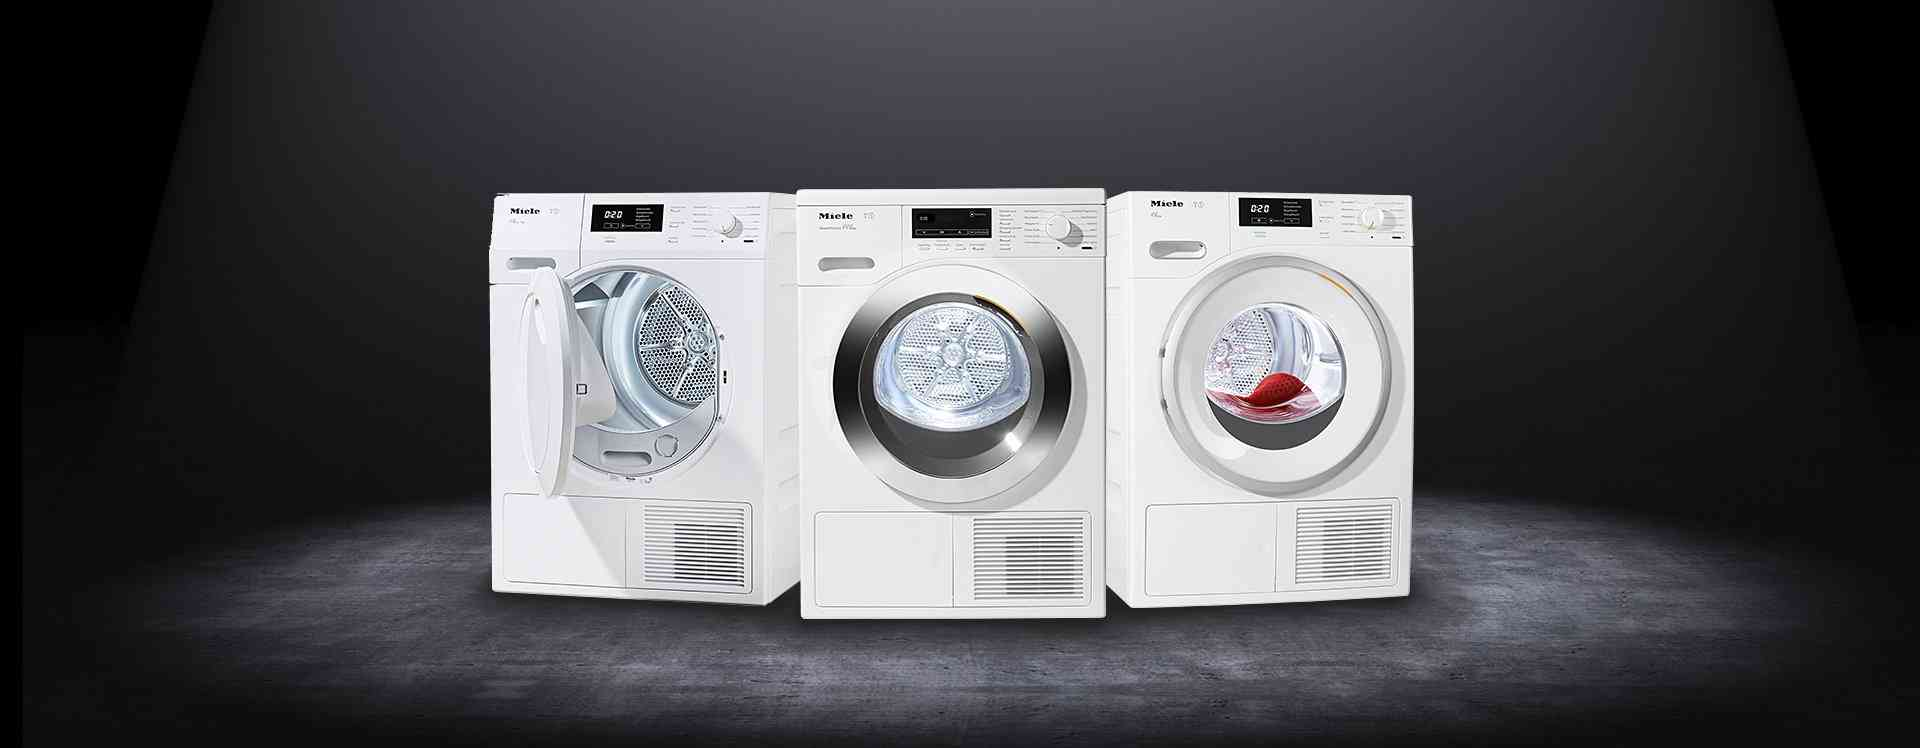 miele waschmaschinen online kaufen otto. Black Bedroom Furniture Sets. Home Design Ideas